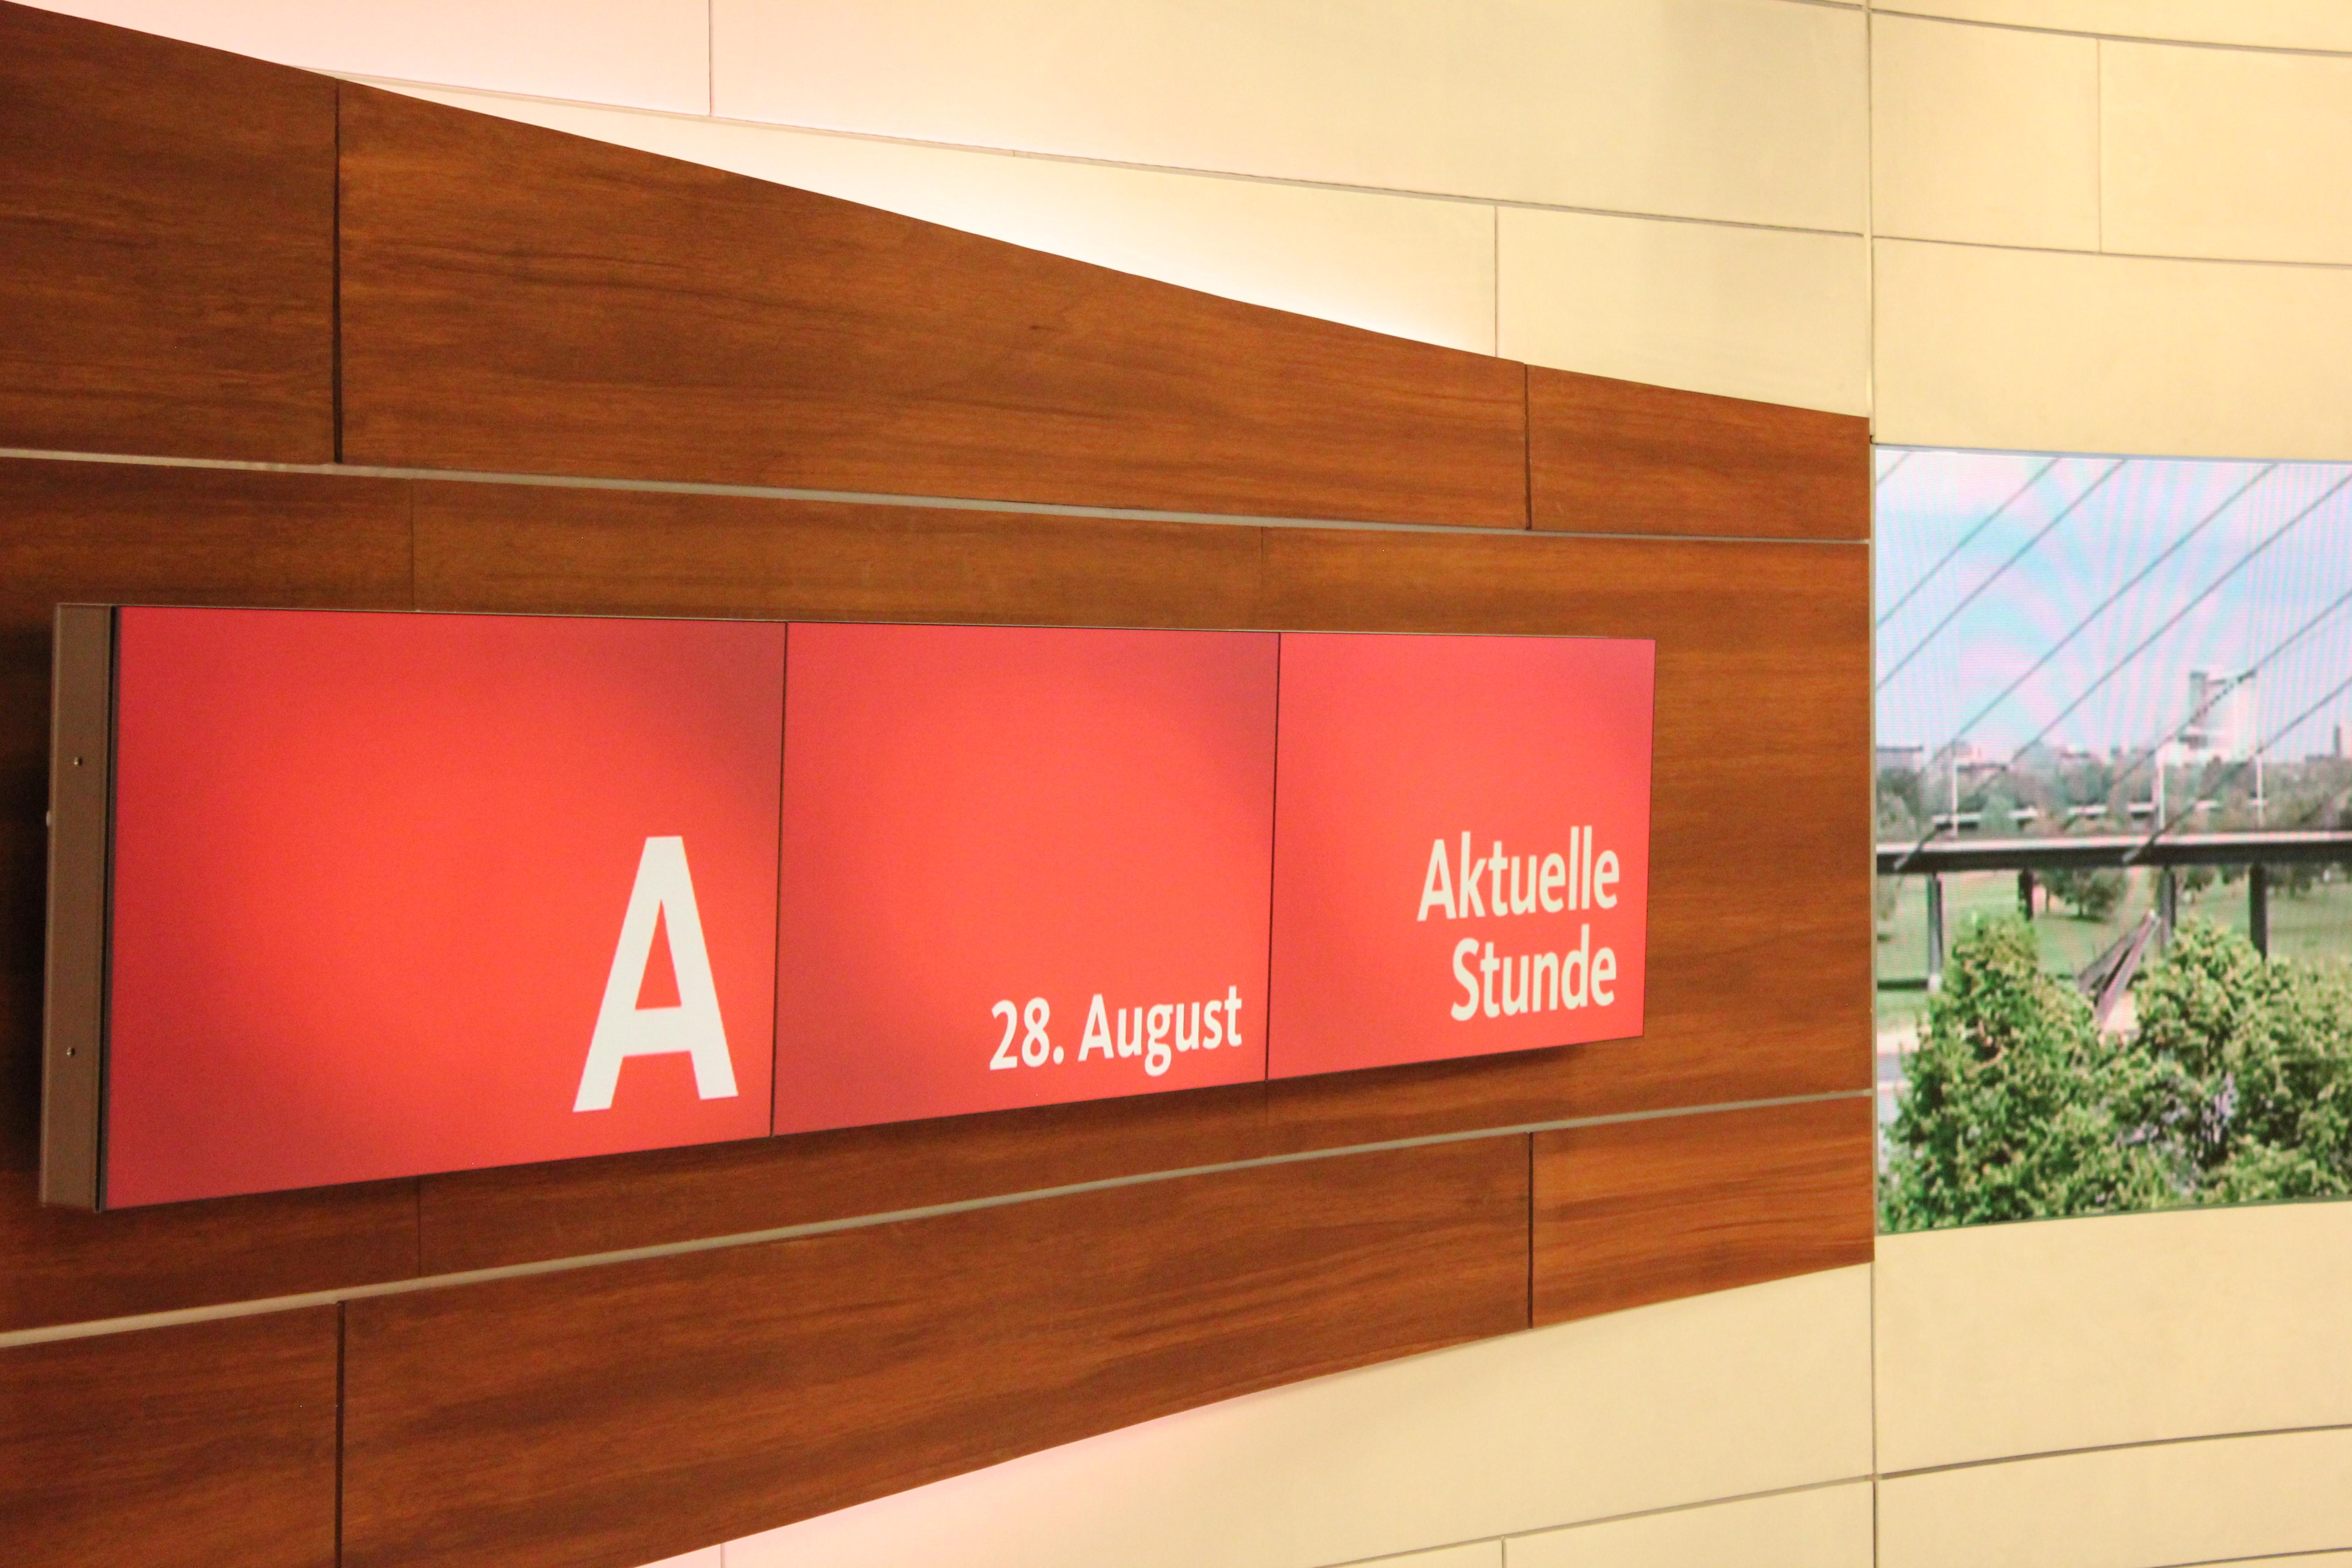 das aktuelle stunde studio bis september 2016